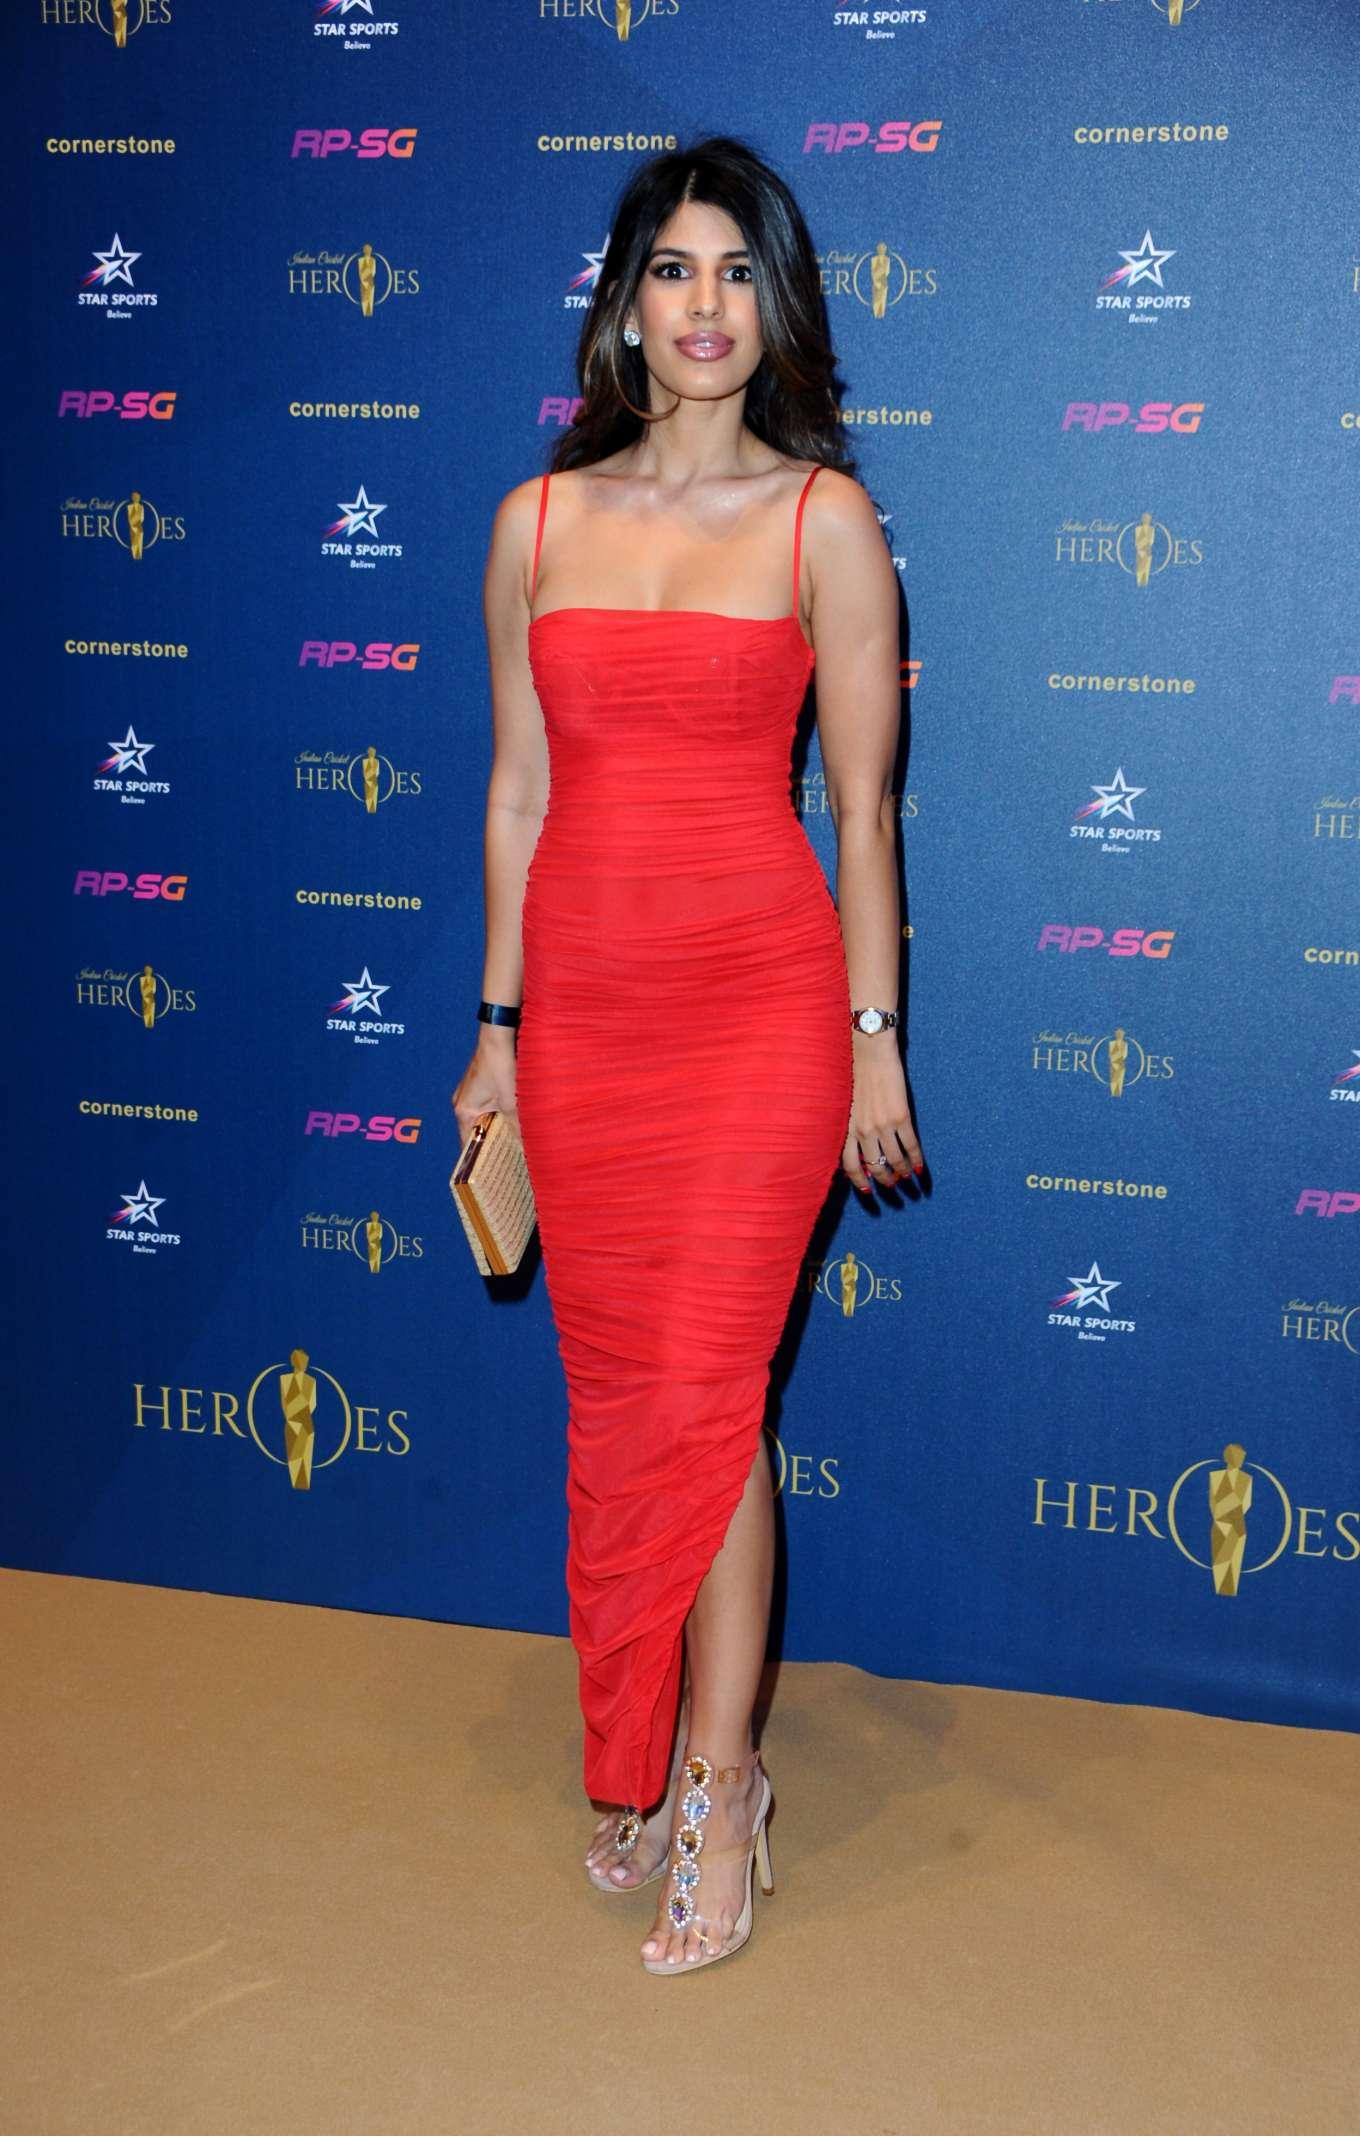 Jasmin Walia 2019 : Jasmin Walia: Indian Cricket Heroes Awards 2019-13